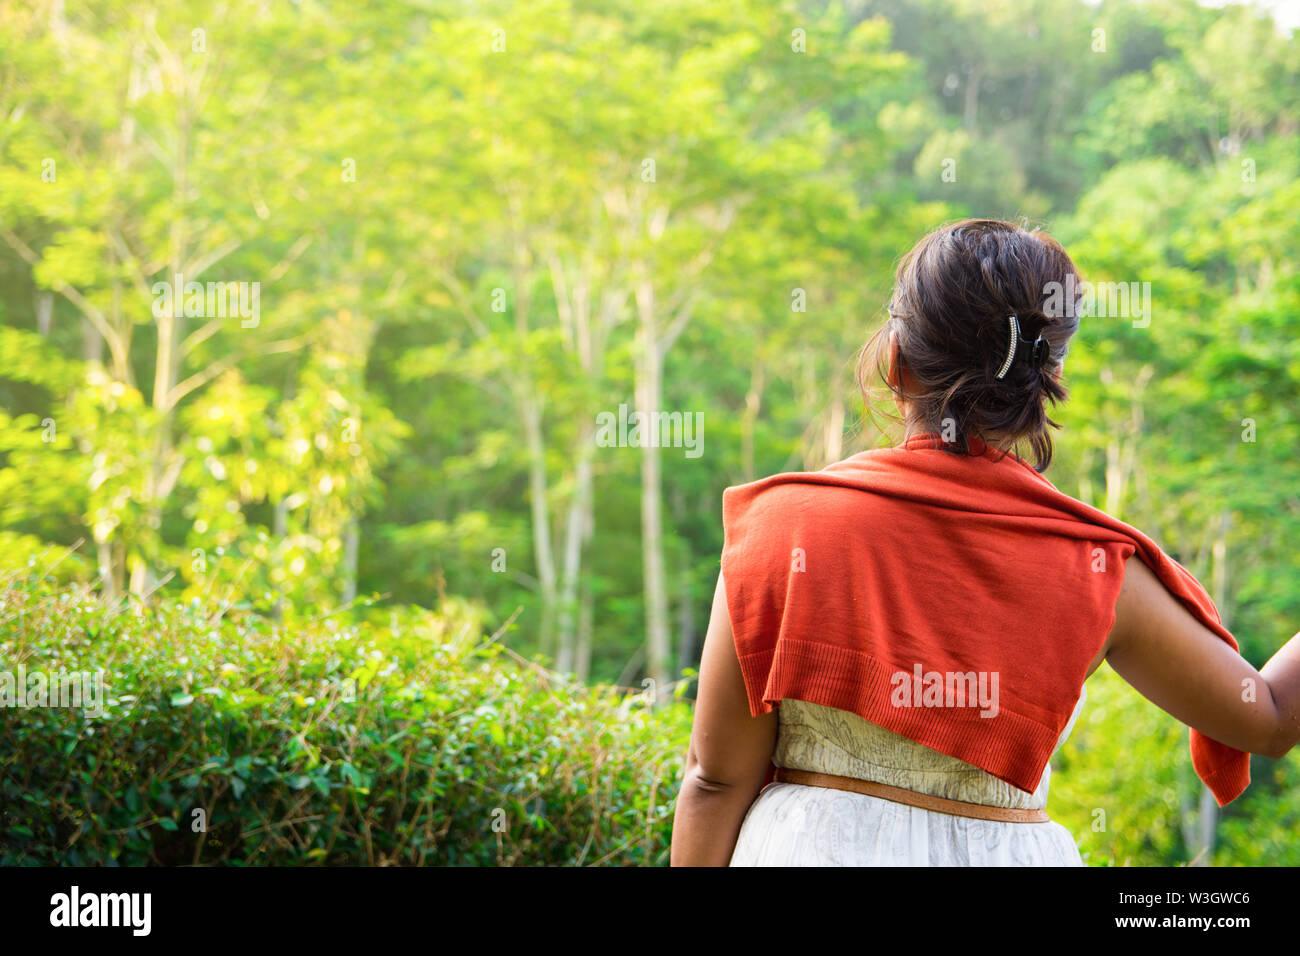 Donna che guarda al Forest View nel tardo pomeriggio luce dorata. Uno stile di vita all'aperto Concetto di immagine con modello sconosciuto. Foto Stock